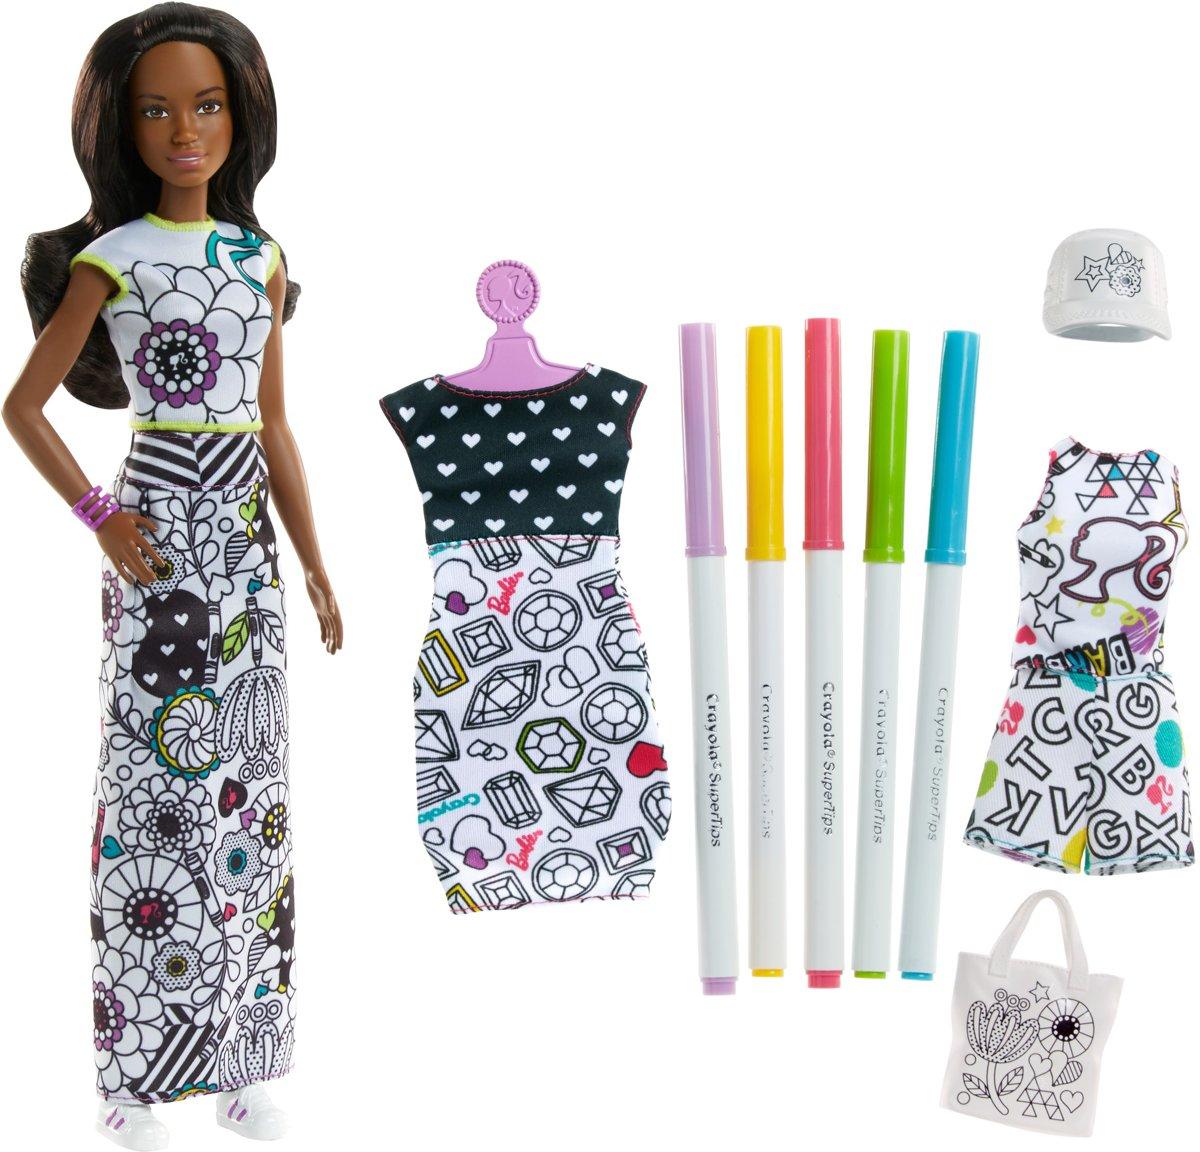 Barbie Crayola Inkleurfashions Afro American - Barbiepop